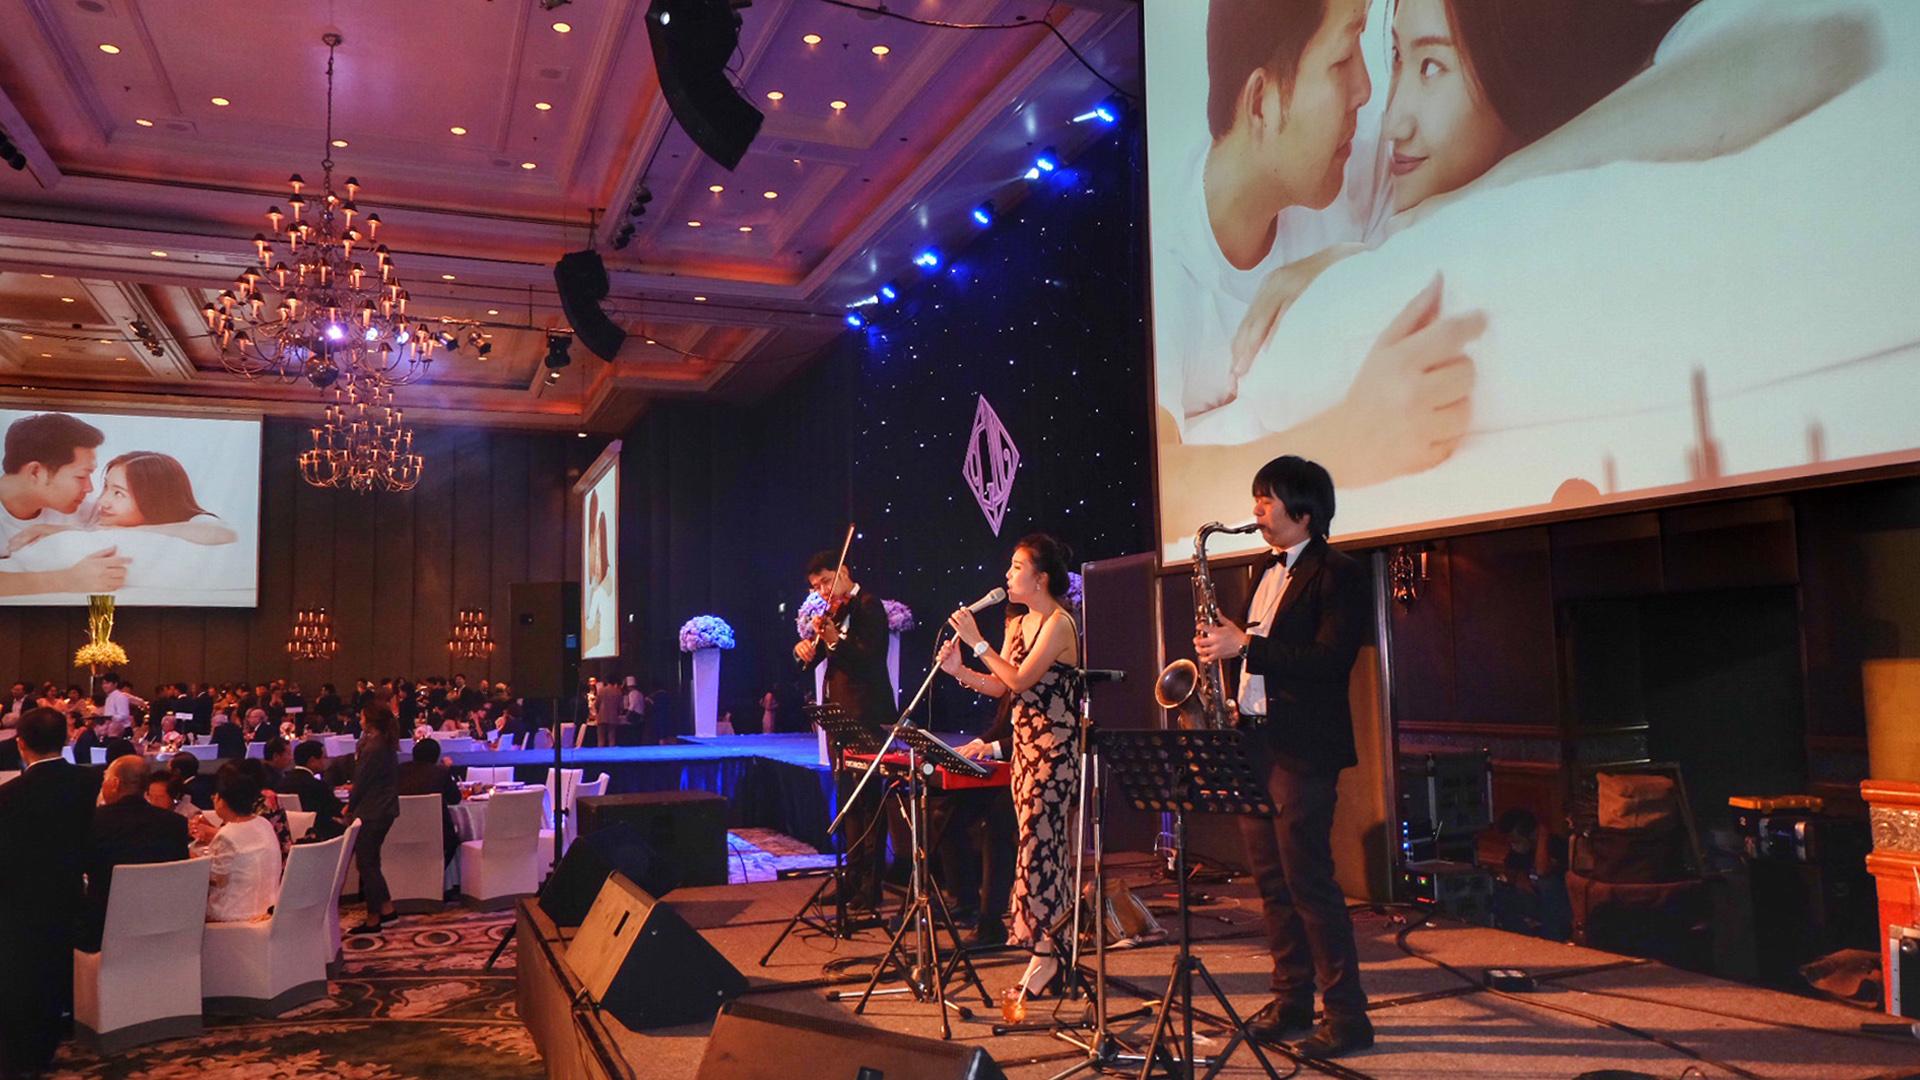 สถานที่จัดงานแต่งงาน บรรยากาศ ระหว่าง การเปิดเพลง กับ วงดนตรี